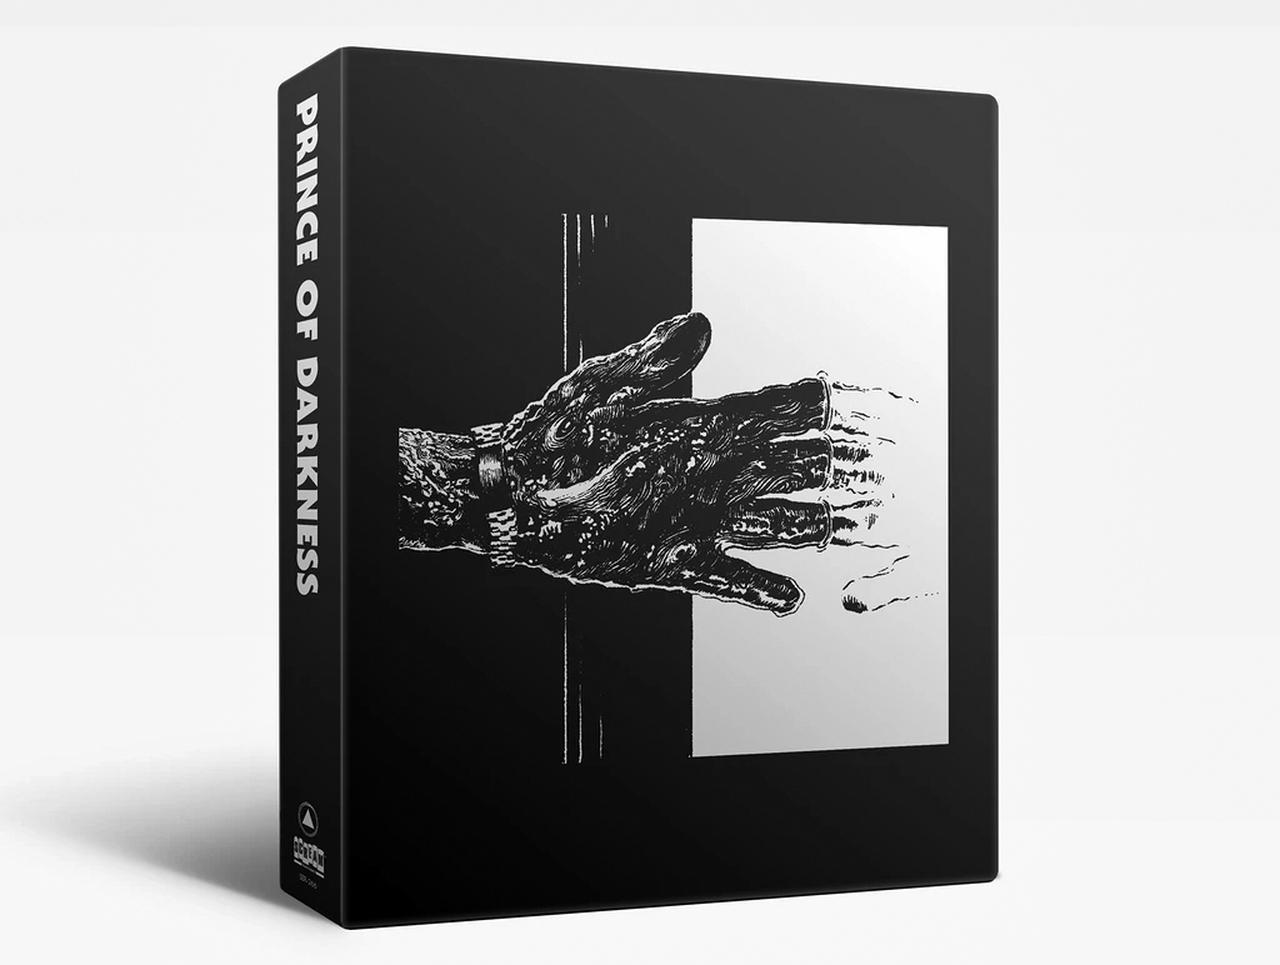 画像: DELUXE OFFER: THEY LIVE [Collector's Edition] + Poster + Exclusive Vinyl - $58.99 (TBA)